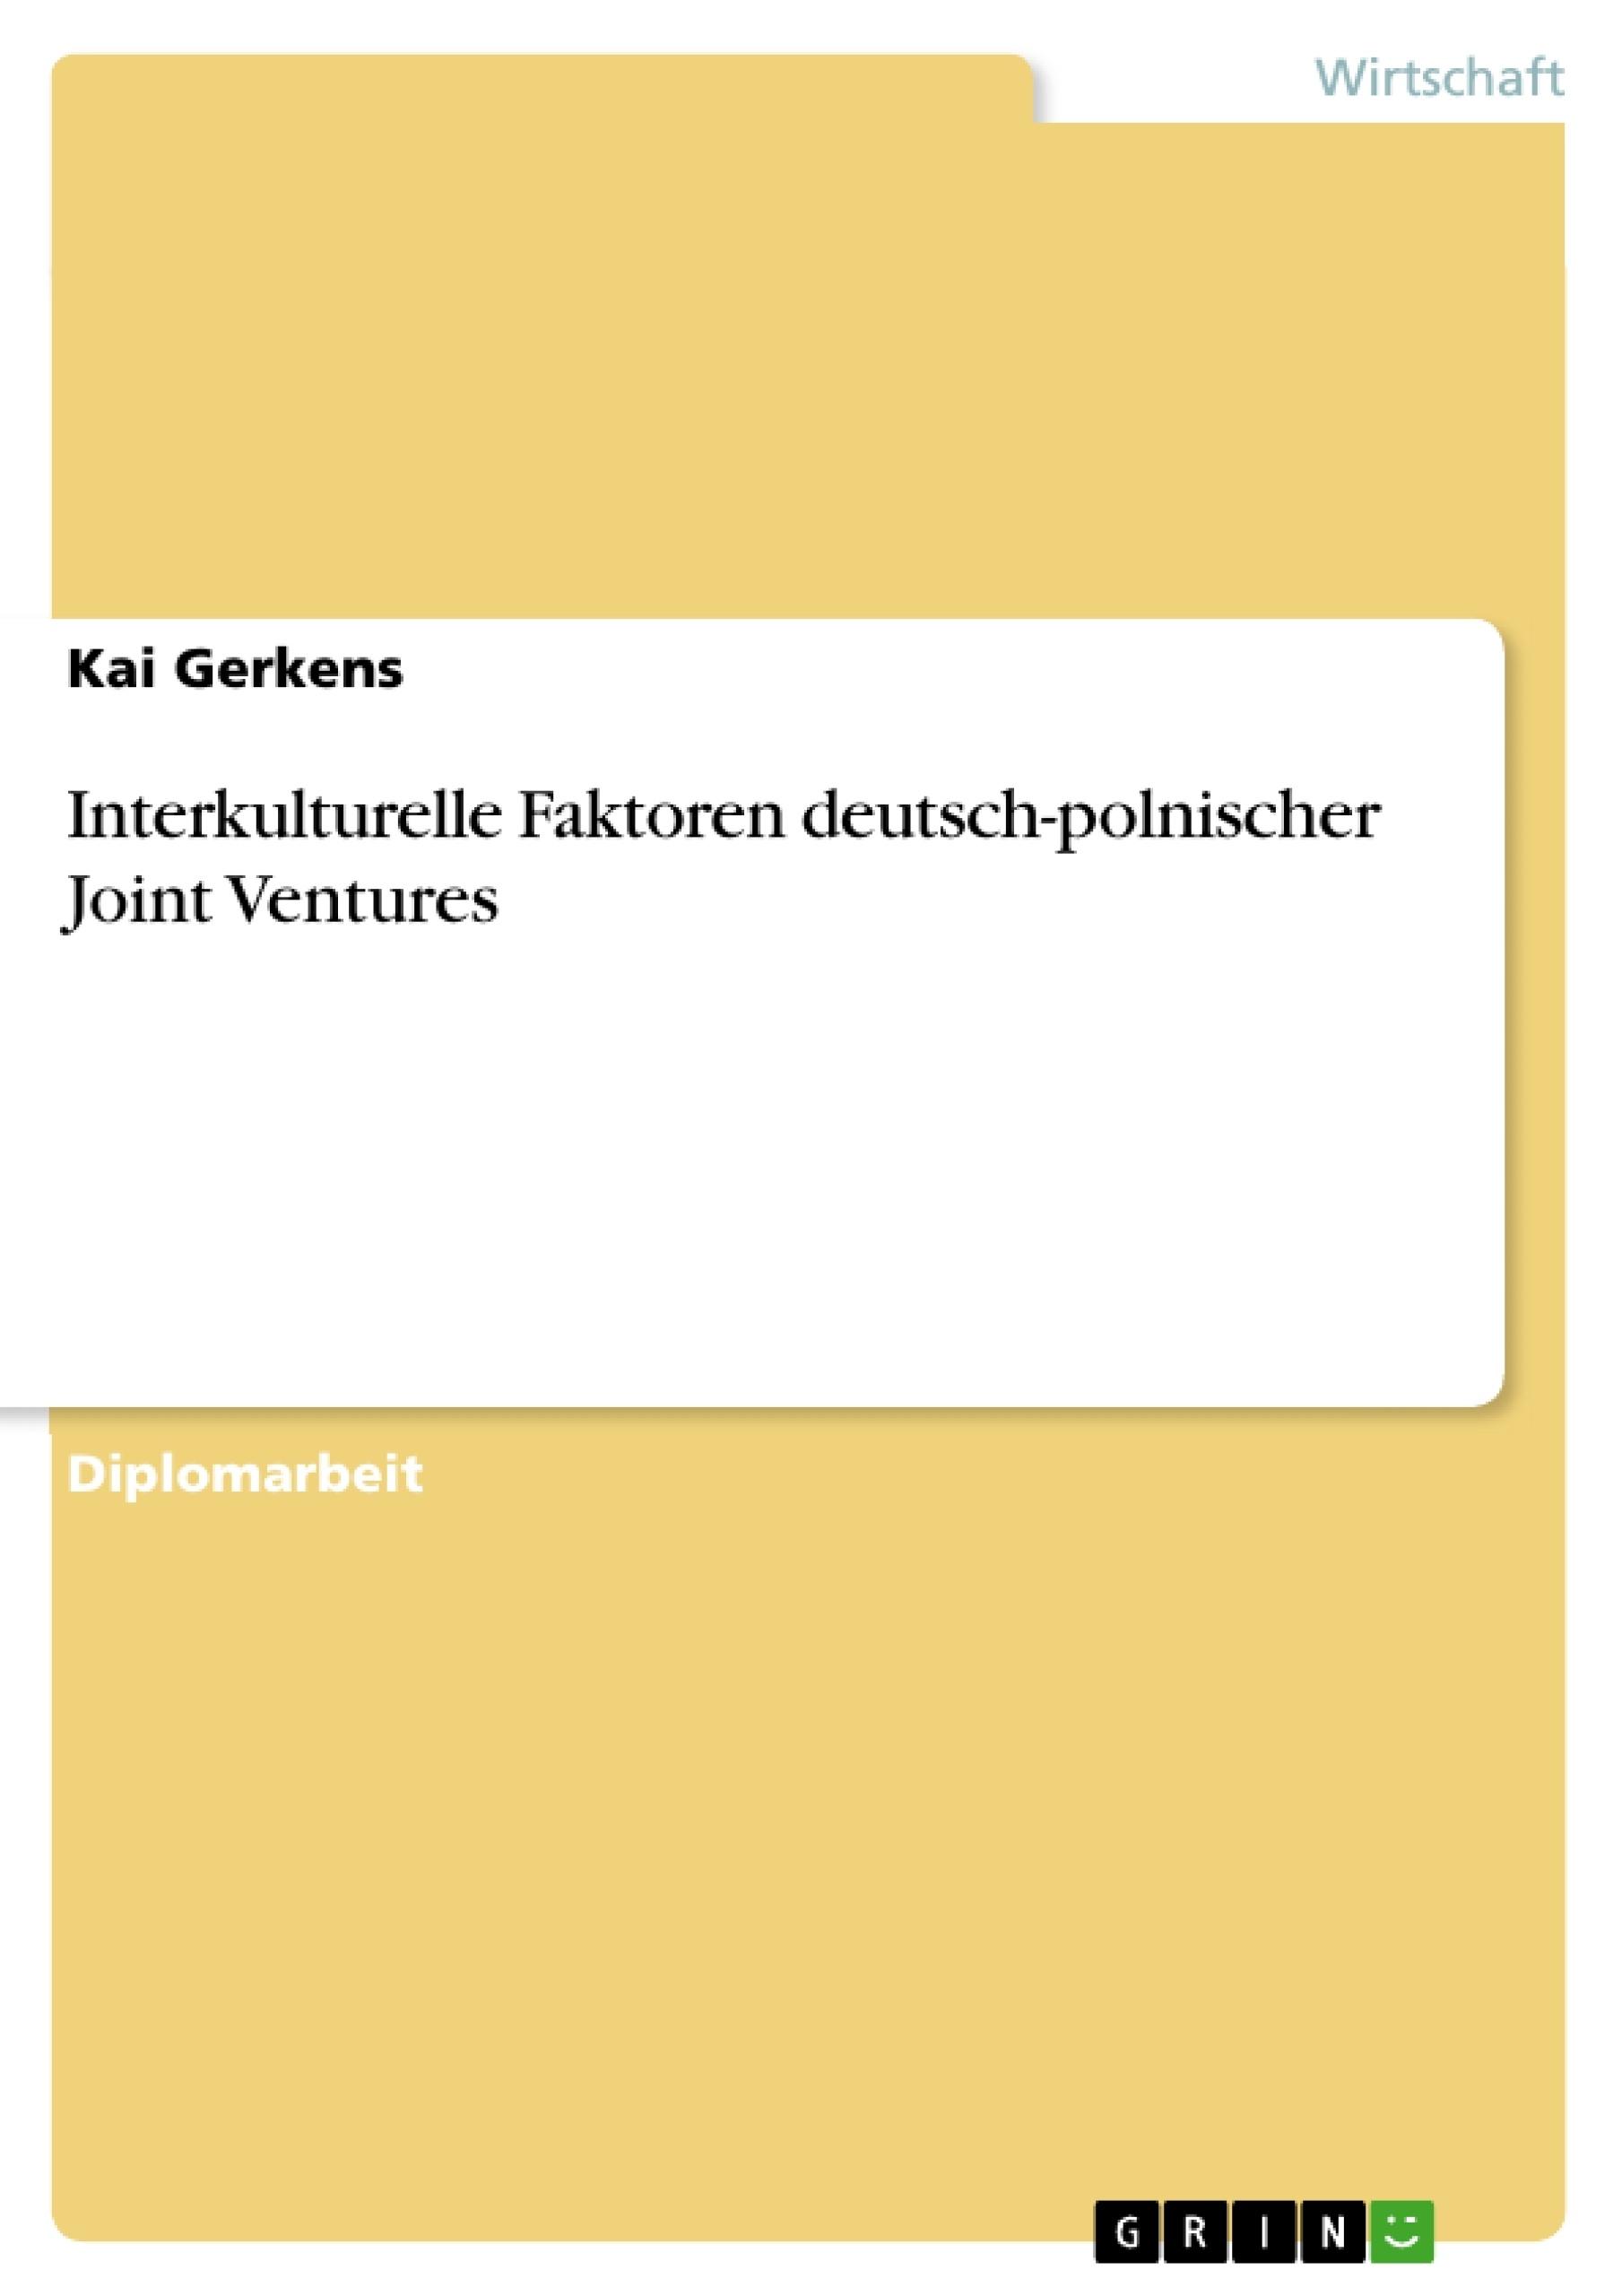 Titel: Interkulturelle Faktoren deutsch-polnischer Joint Ventures